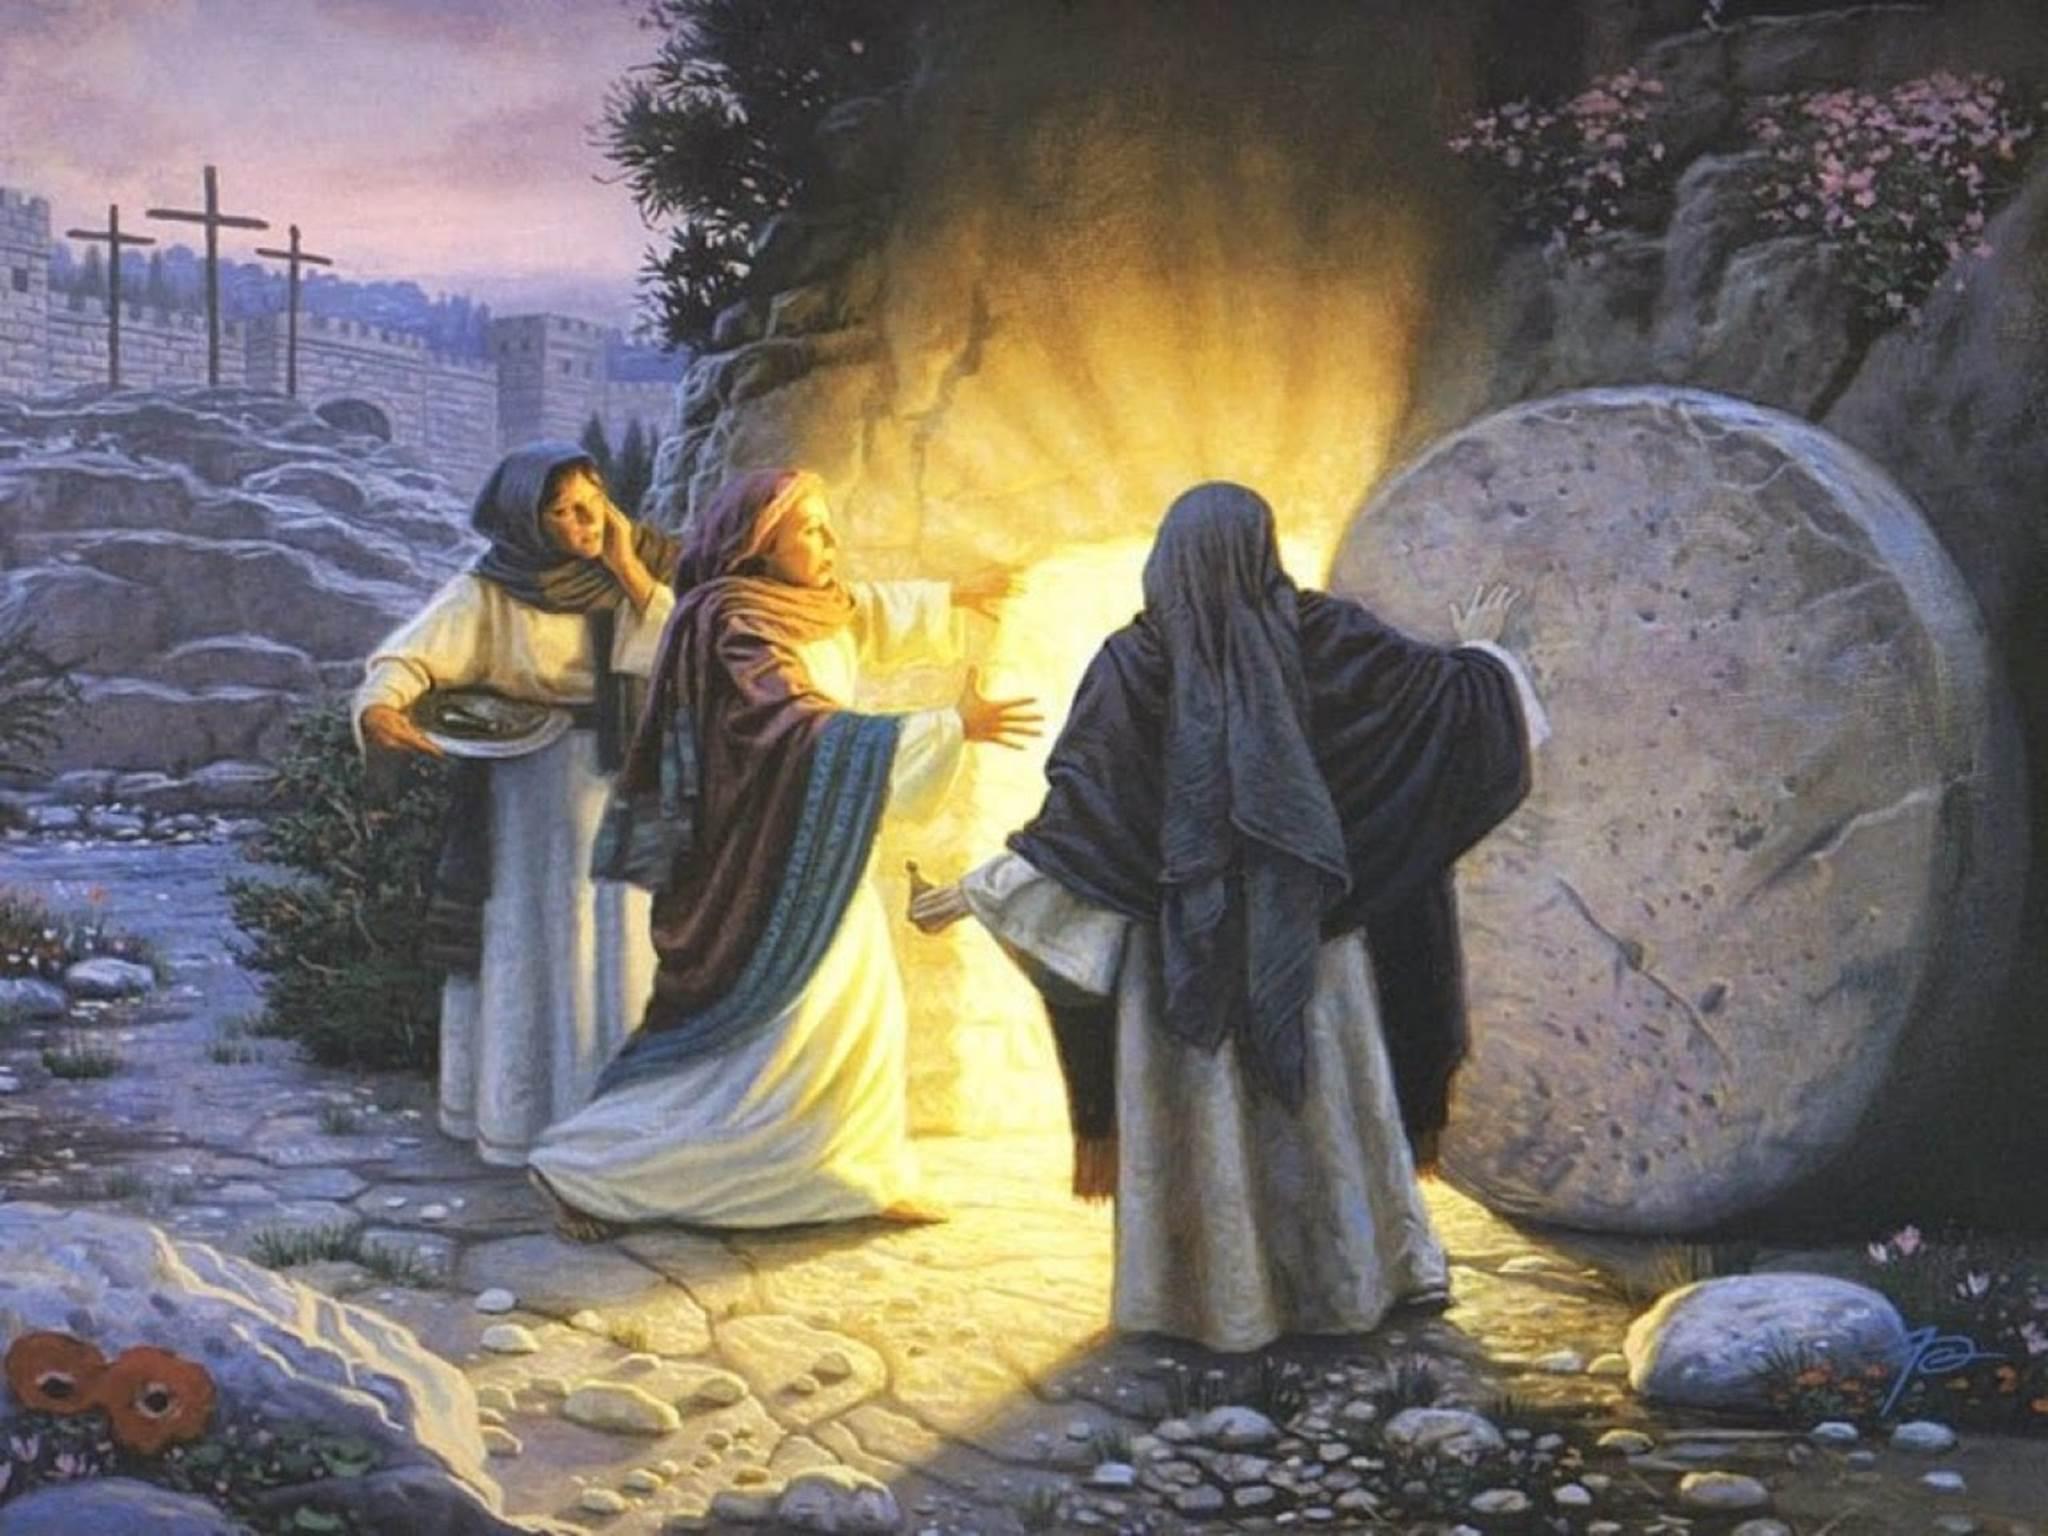 Mặt trời hé mọc (03.4.2021 – Thứ Bảy Tuần Thánh, Đêm Vọng Phục Sinh)